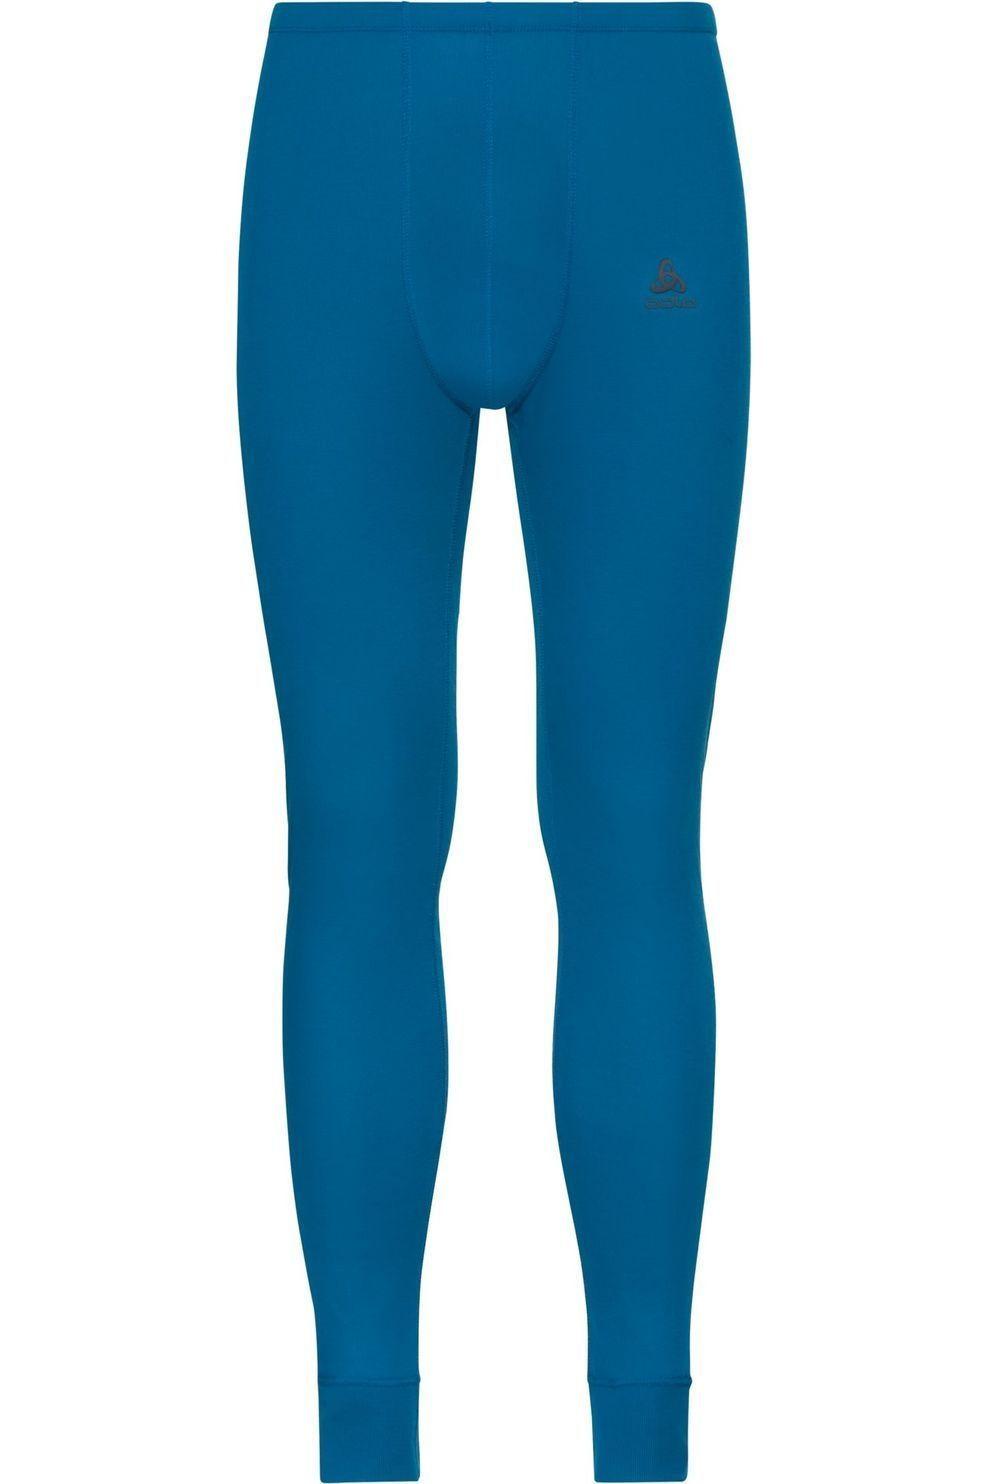 Odlo Ondergoed Active Warm Eco voor heren - Blauw - Maten: M, L, XL, XXL